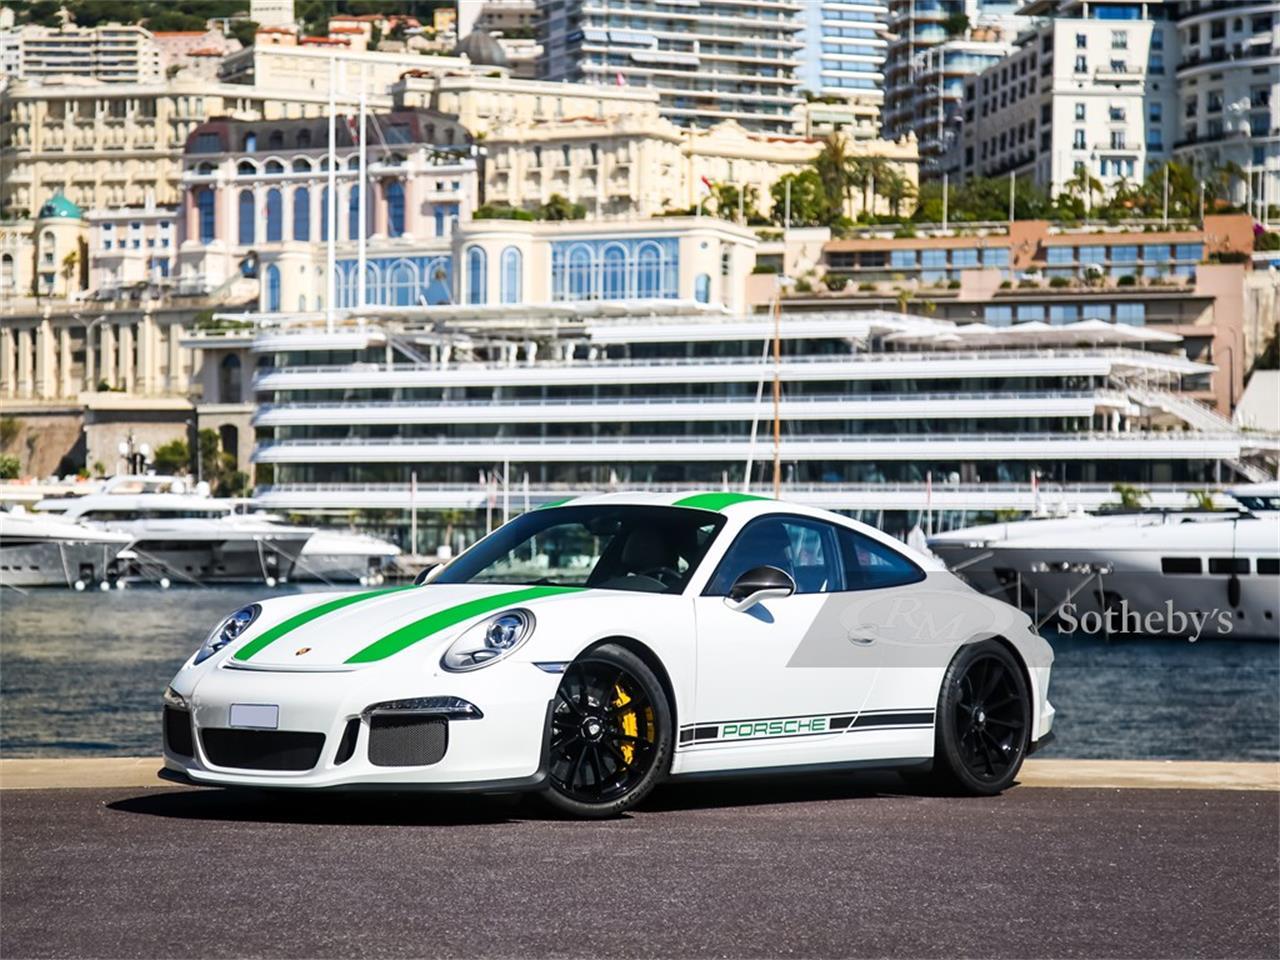 2016 Porsche 911 R (CC-1361386) for sale in London, United Kingdom